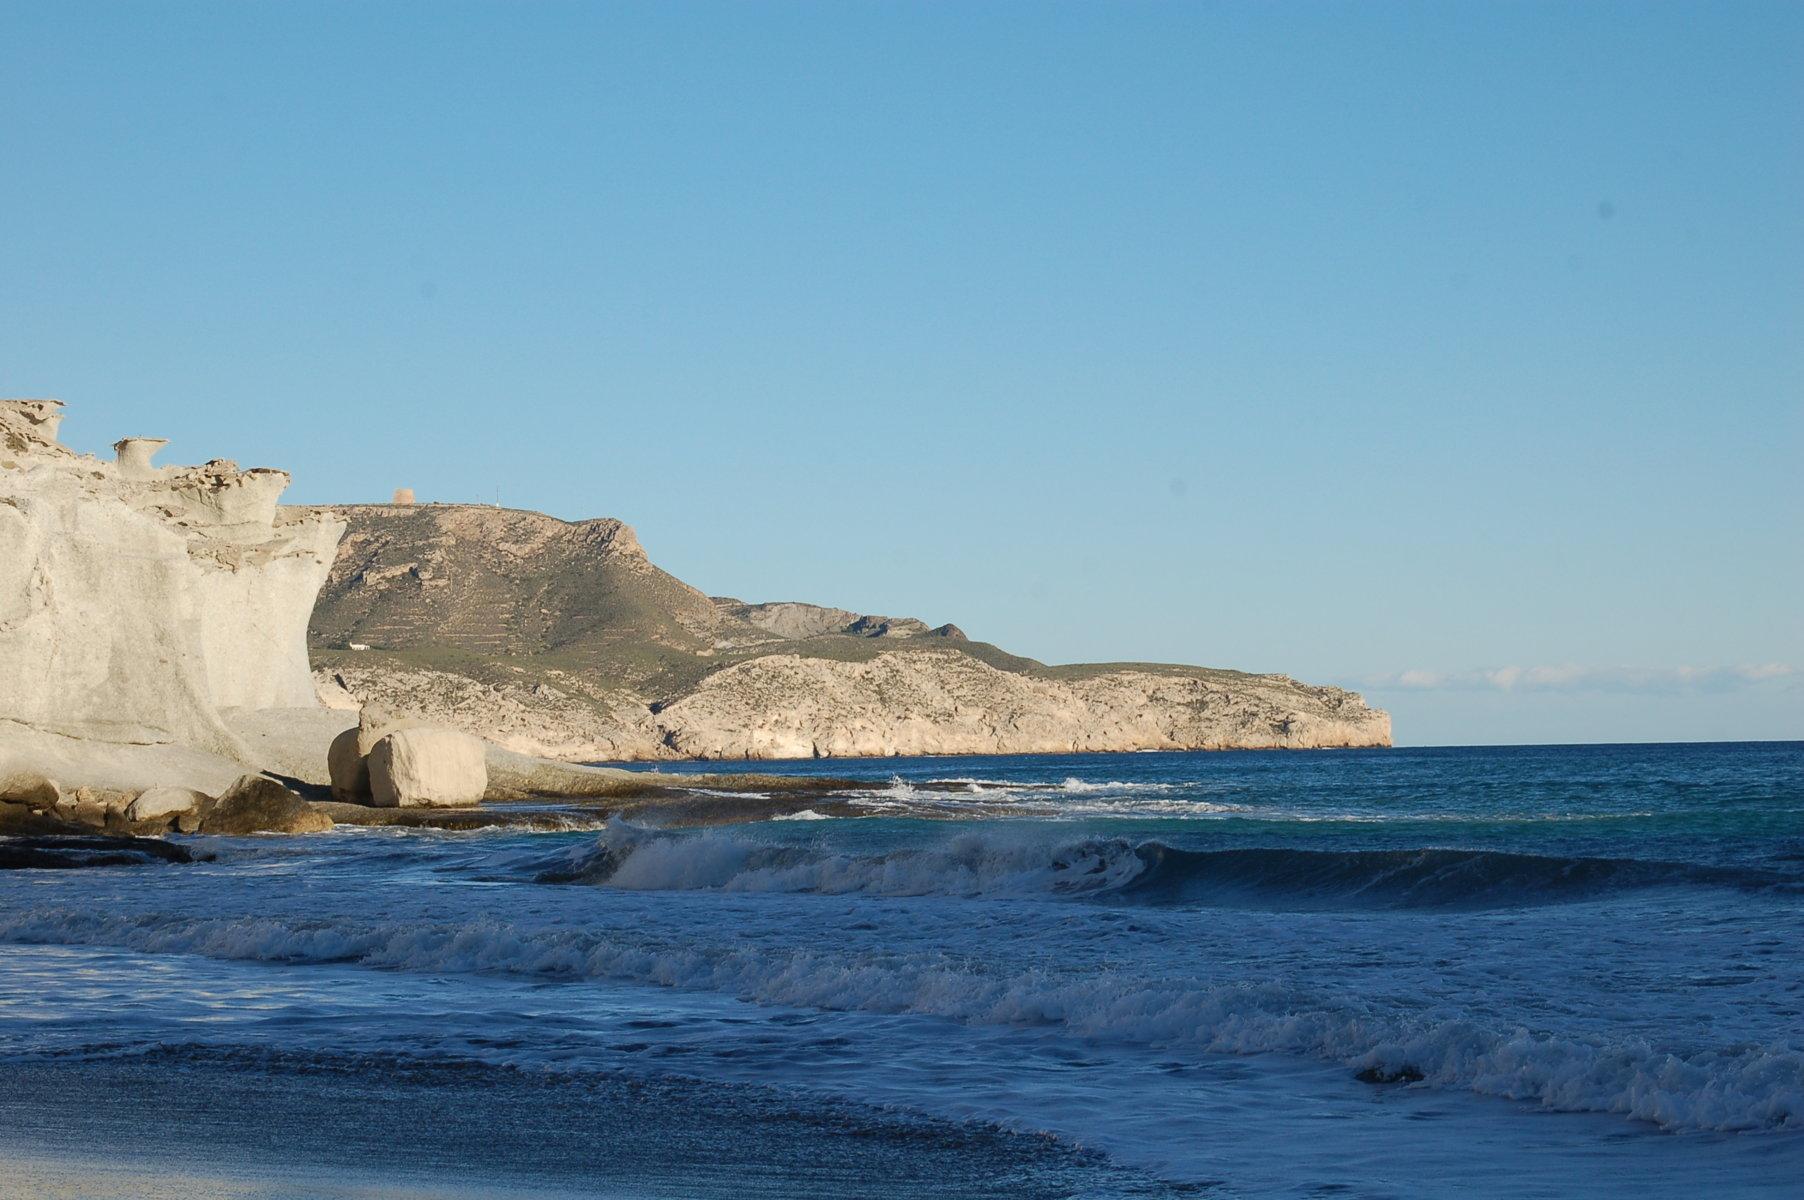 Wellen rollen an den Strand, im Hintergrund ein etwa 50 Meter hoher Felsen unter wolkenlosem Himmel